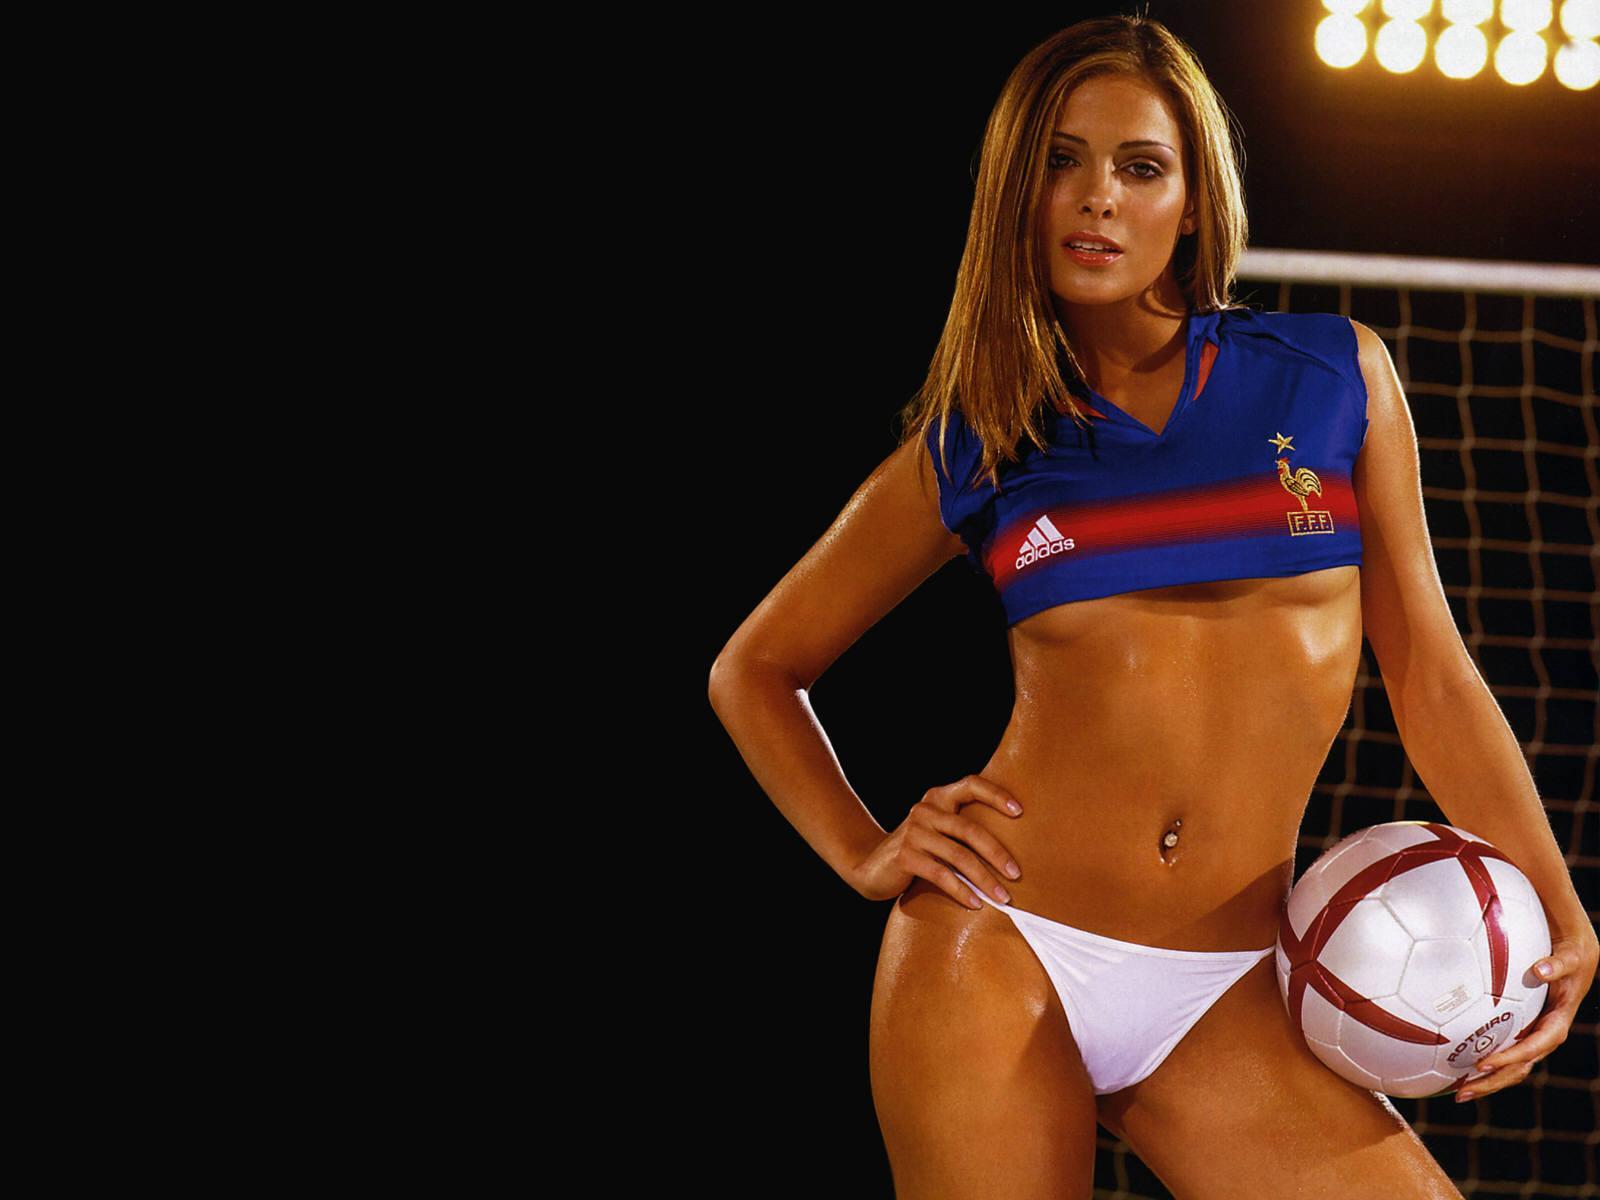 Ролик женской футбольной команды в душе 26 фотография